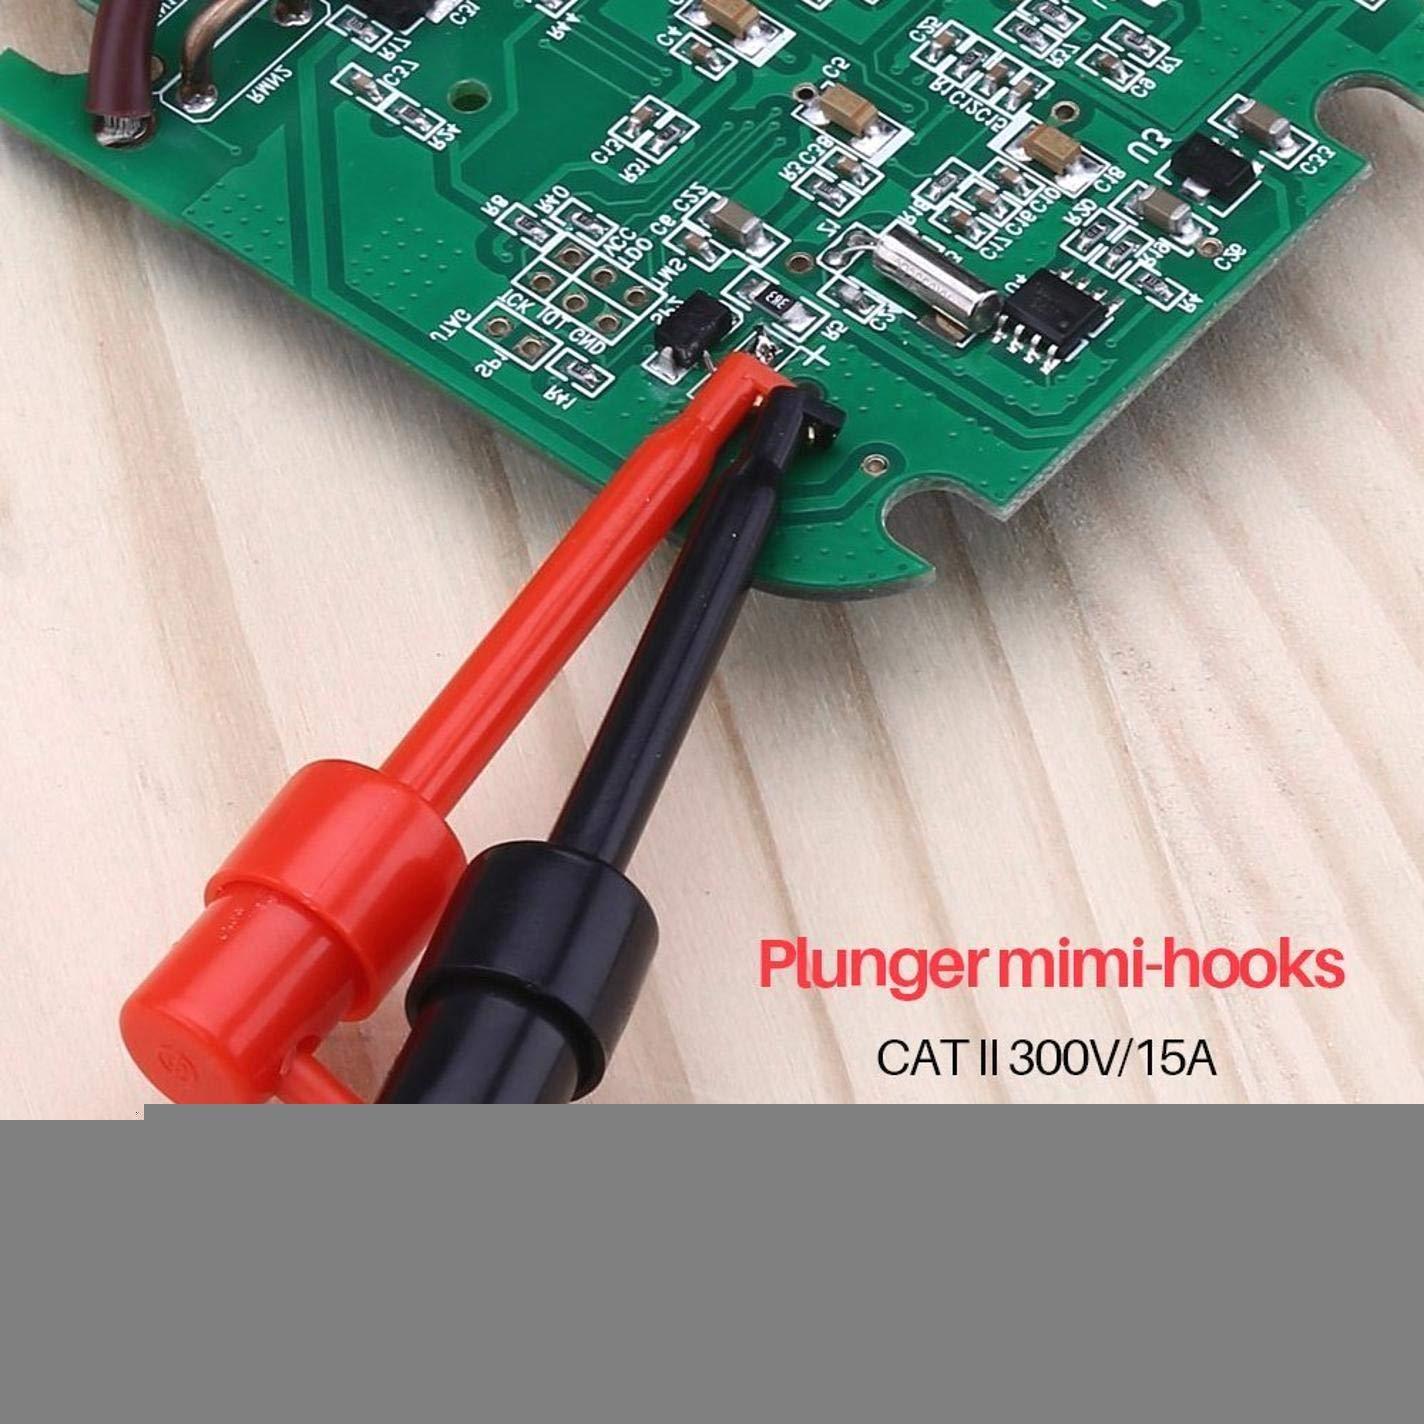 Set diagnostico Professionale elettronico Cavi multimetro Digitale , Compresi Morsetti a Coccodrillo sonda di Prova Estensione Test ALONGB Kit Cavi di Prova Mini-Ganci organizzatore Libero